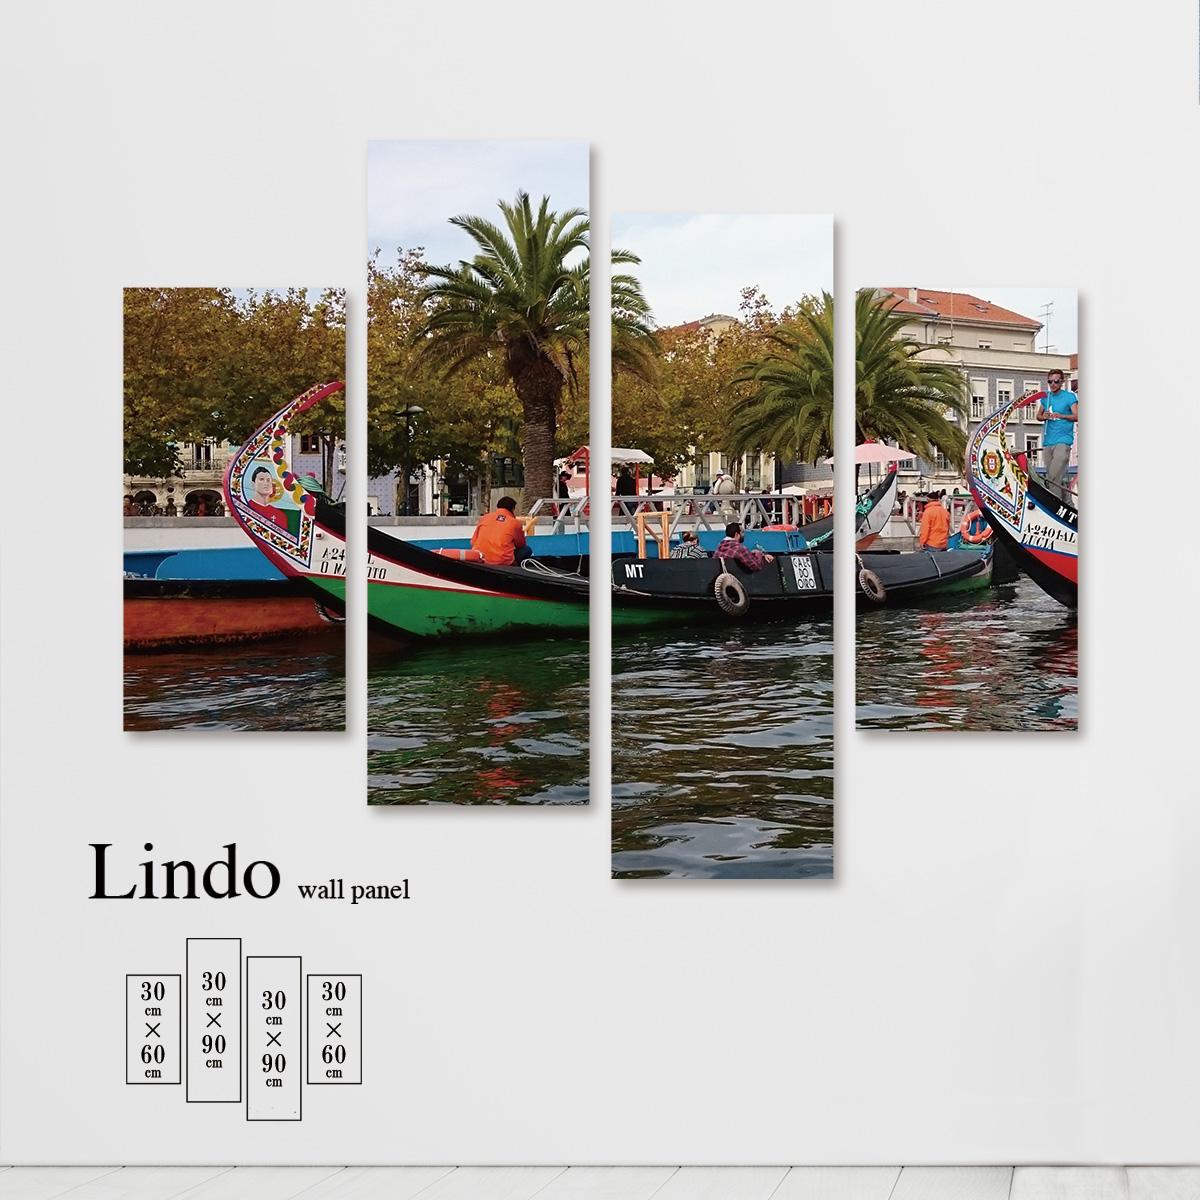 アートパネル 風景 景色 写真 自然 環境 湖 ヨット ボート 壁掛け 北欧 お洒落 デザイン ファブリック 壁飾り アートボード 4枚パネル